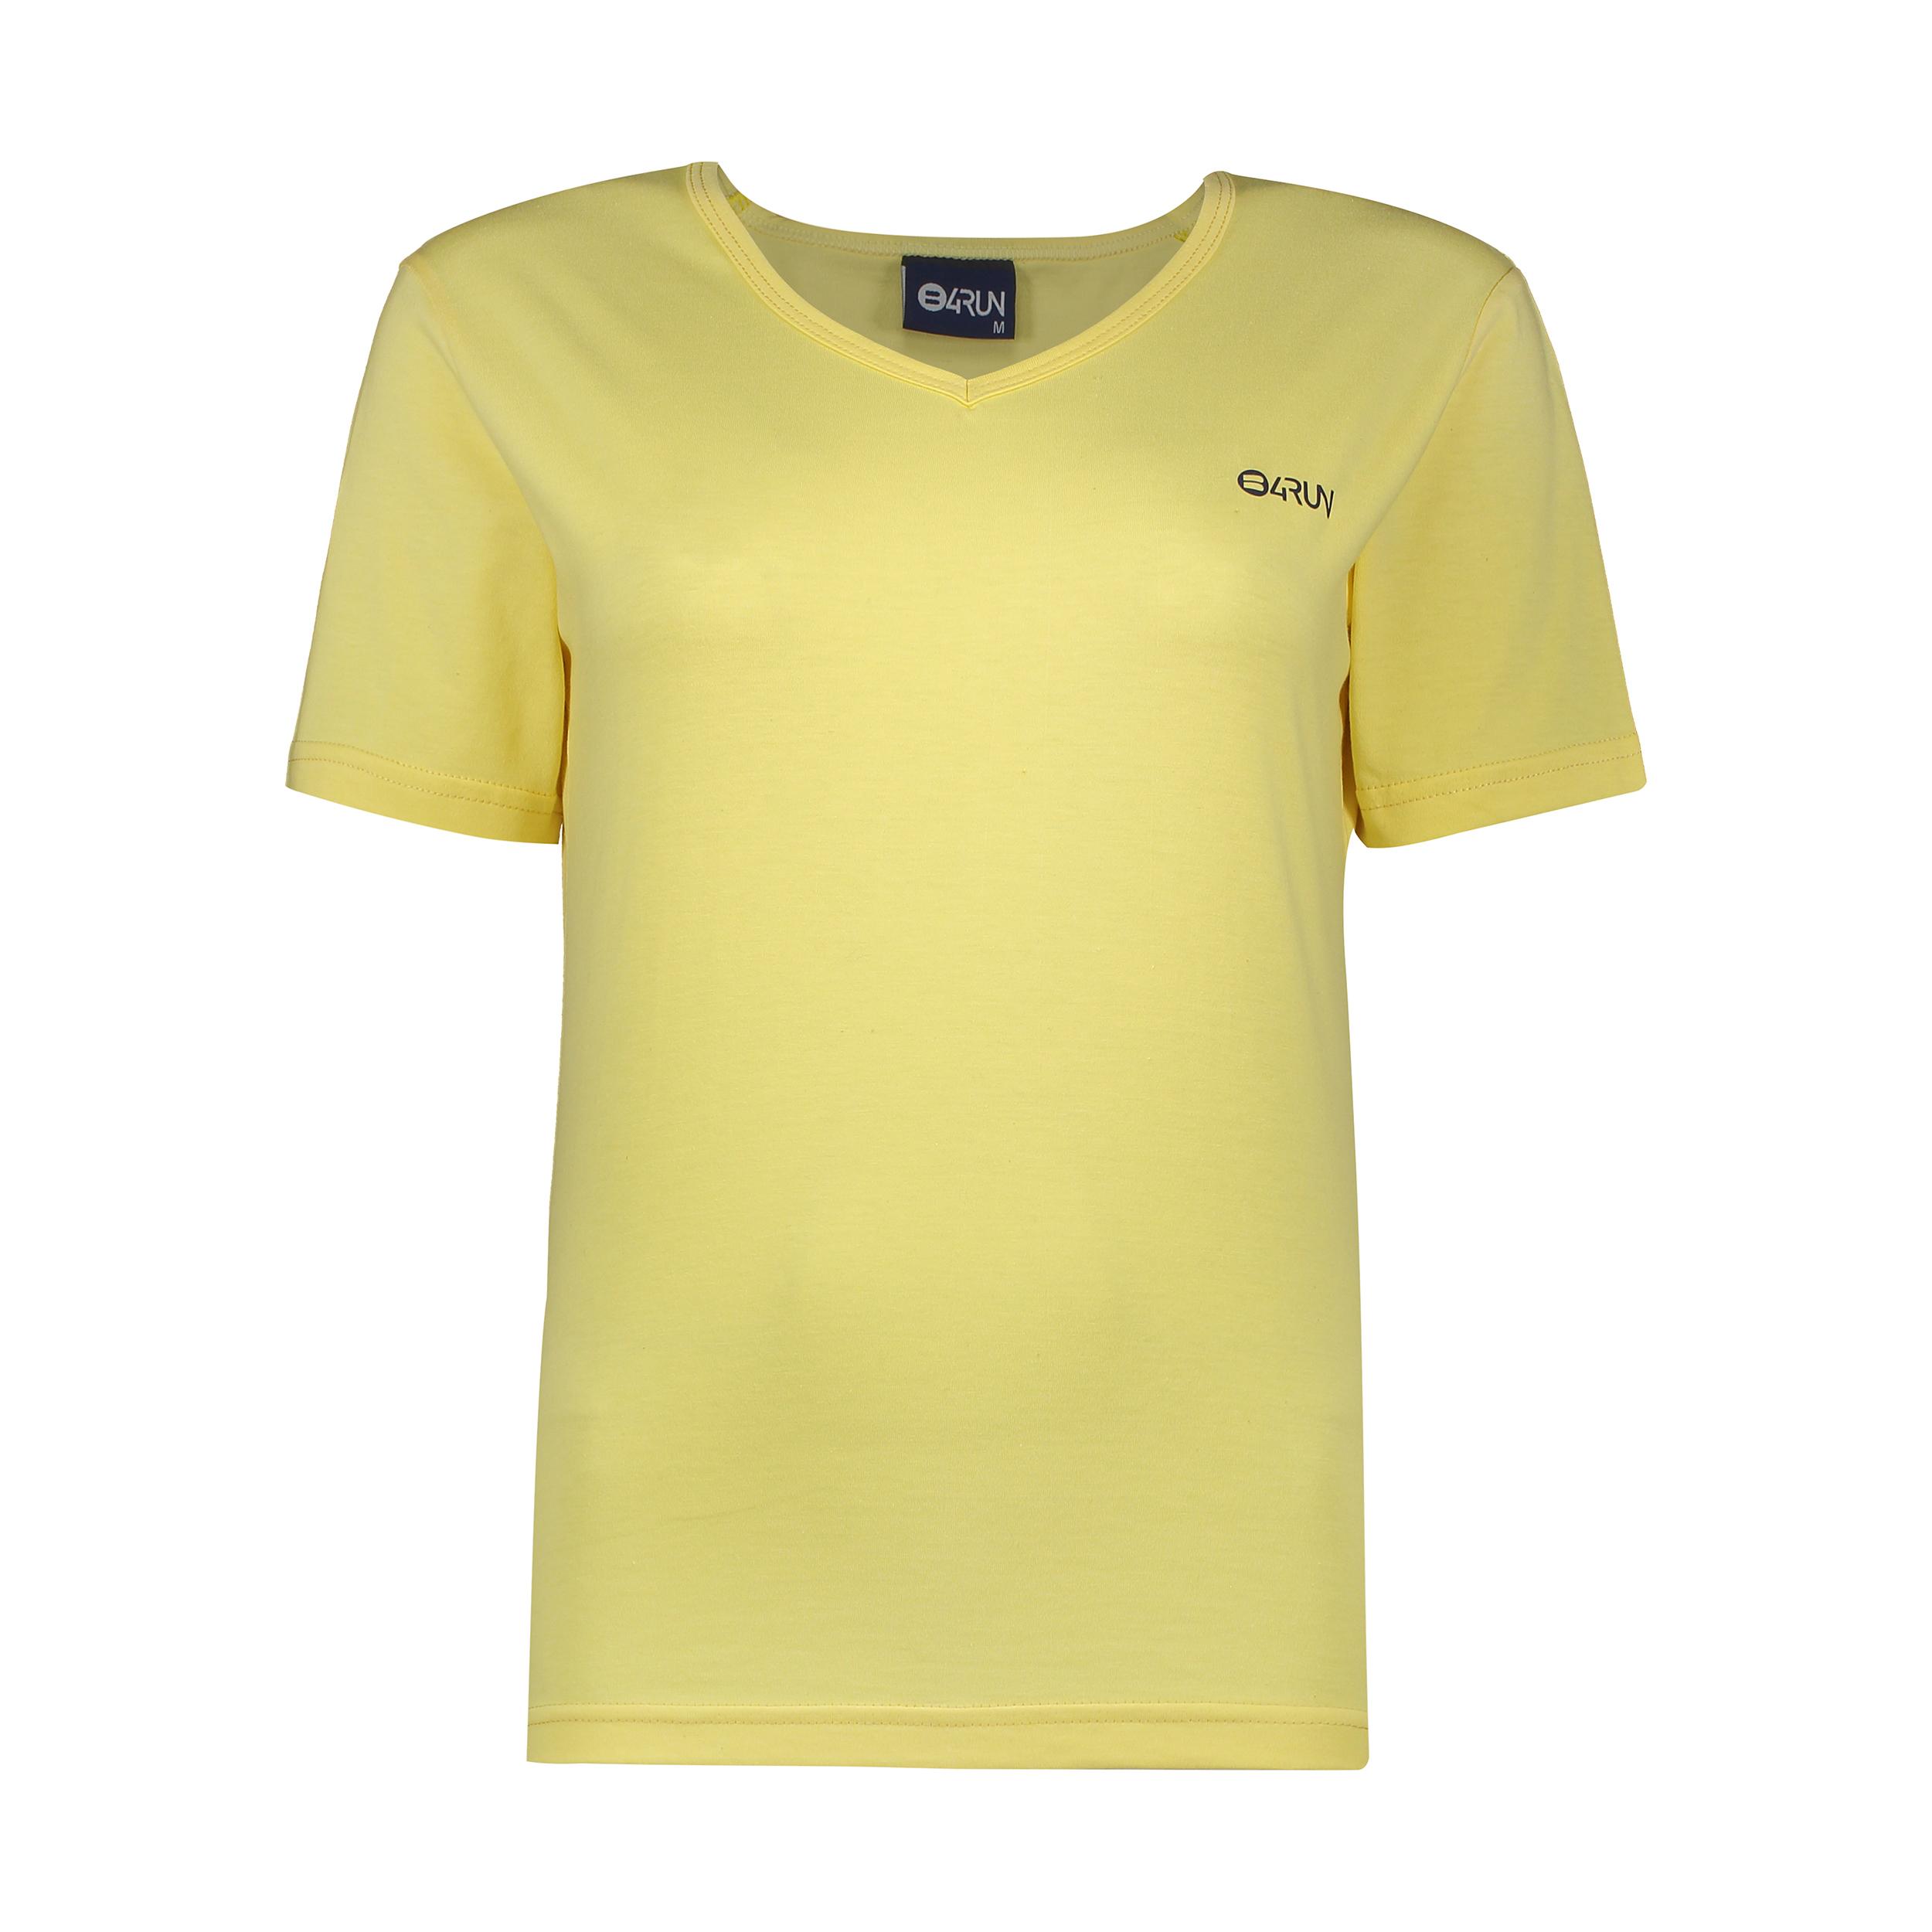 تی شرت  ورزشی زنانه بی فور ران مدل 210323-16